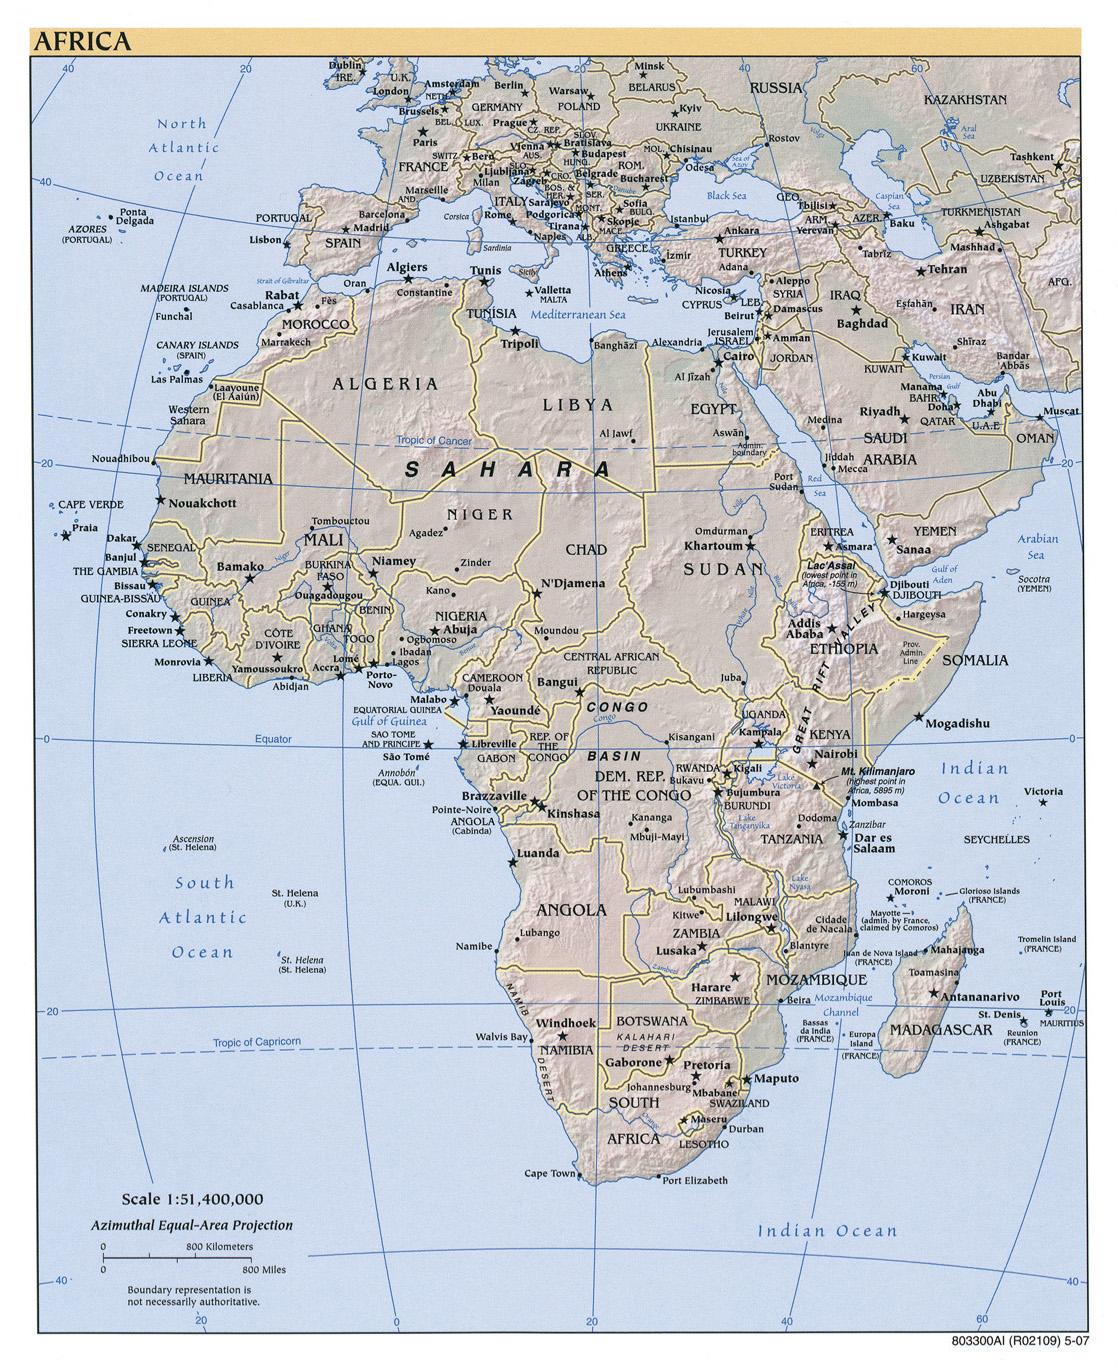 Mapa de relieve de África 2007